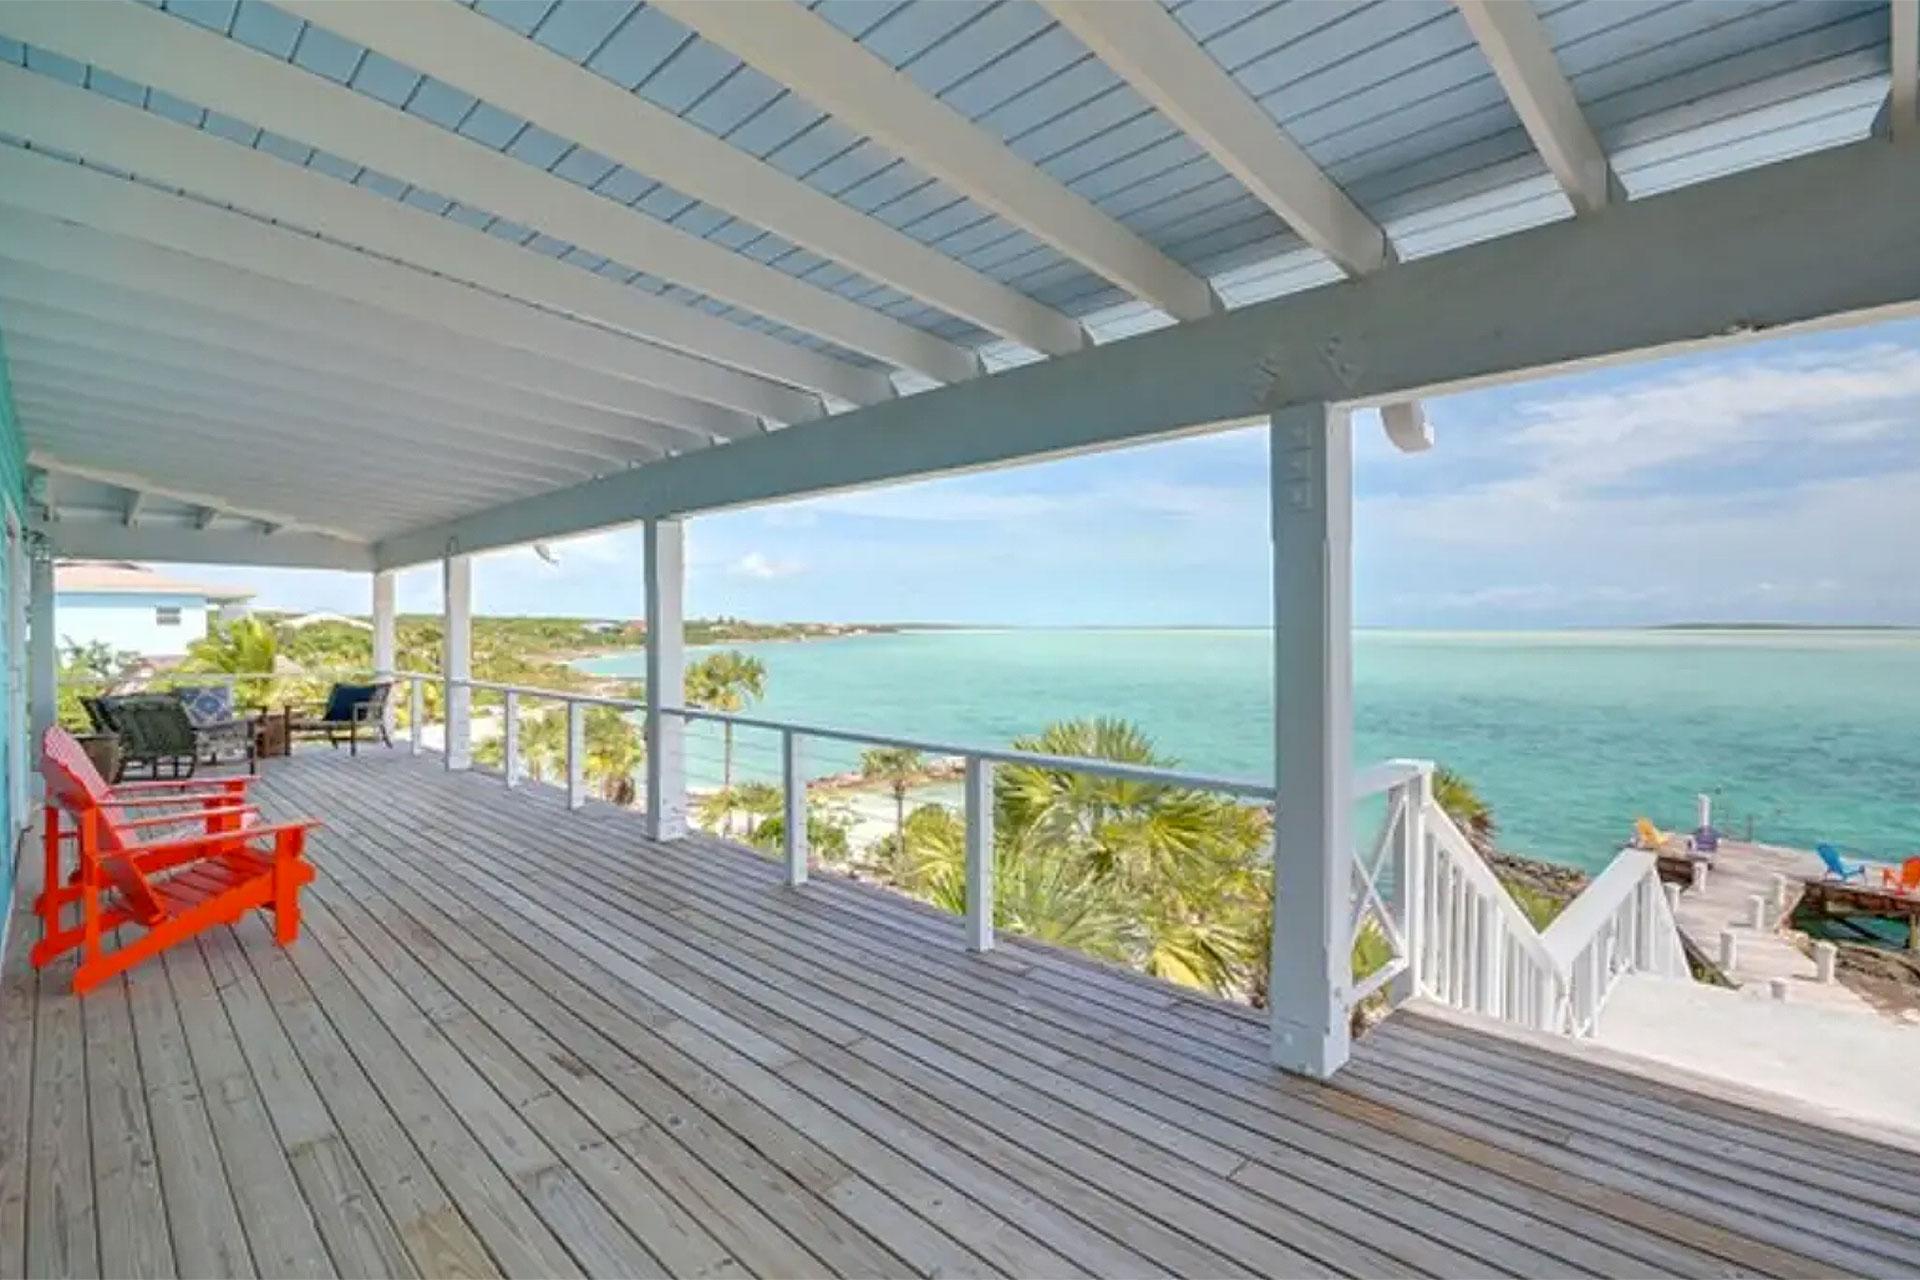 Poco a Poco Vacation Rental in Great Exuma, Bahamas; Courtesy of Airbnb